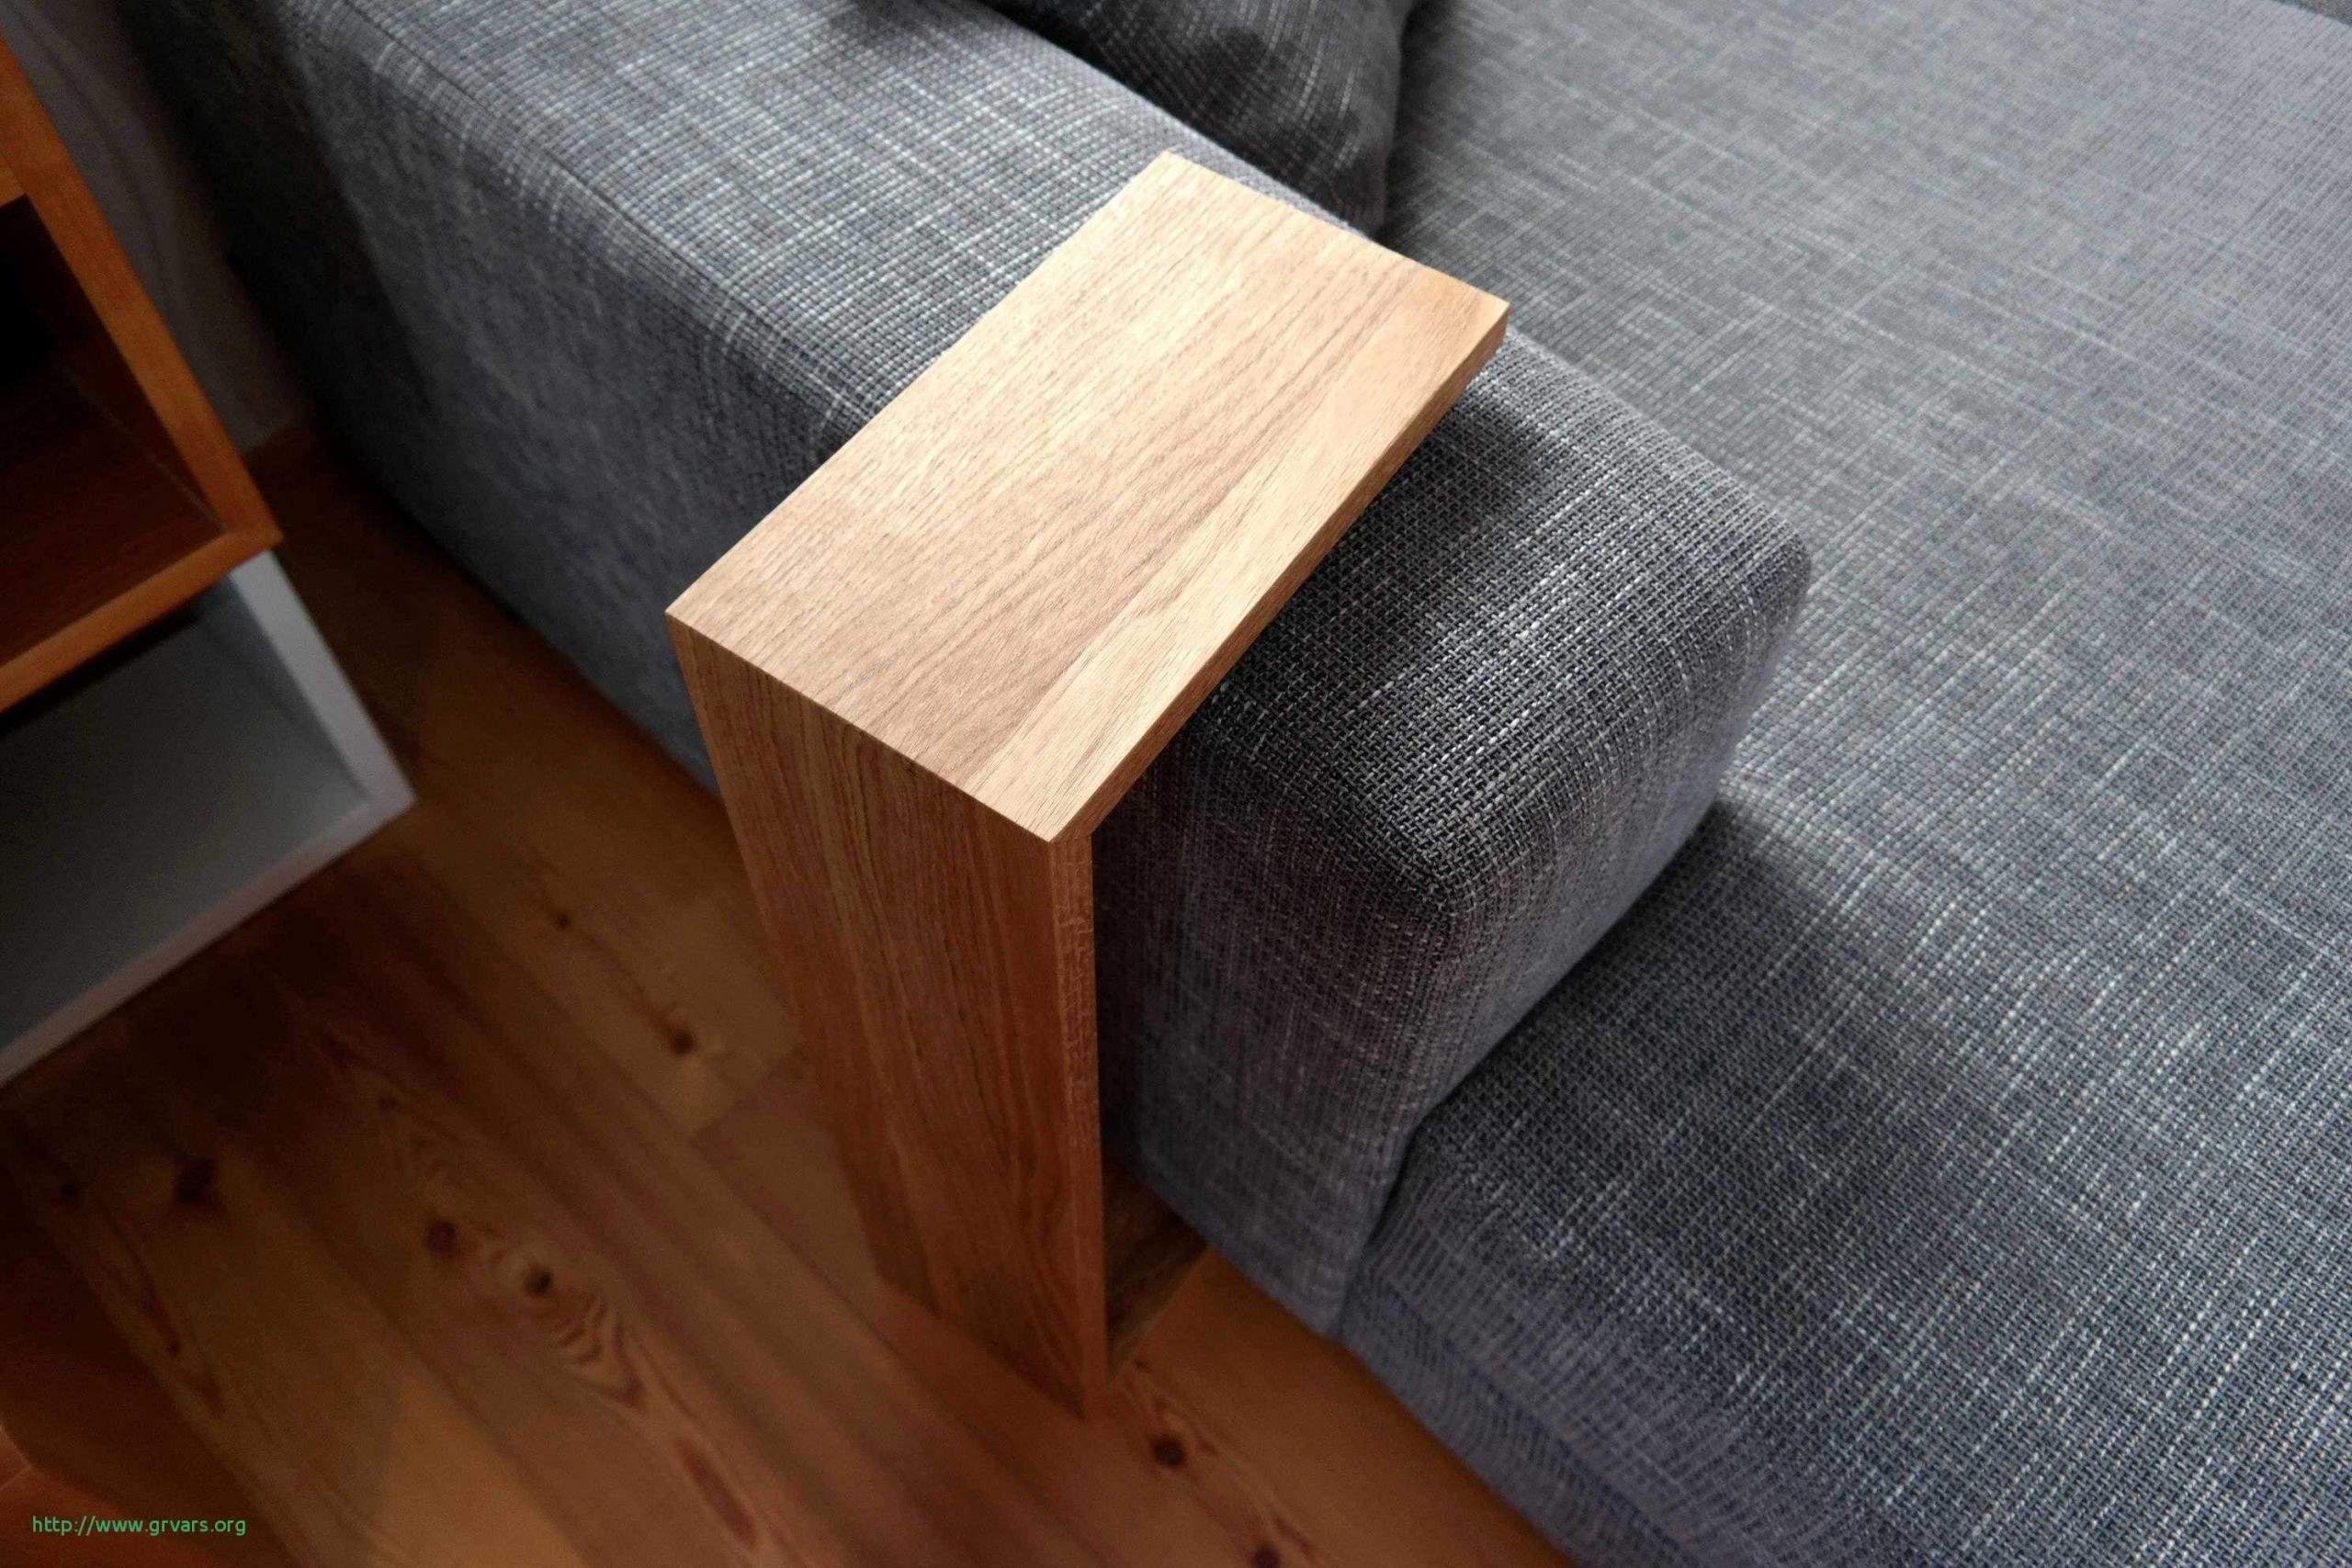 holz und garten luxus 23 famous engineered hardwood flooring of holz und garten scaled